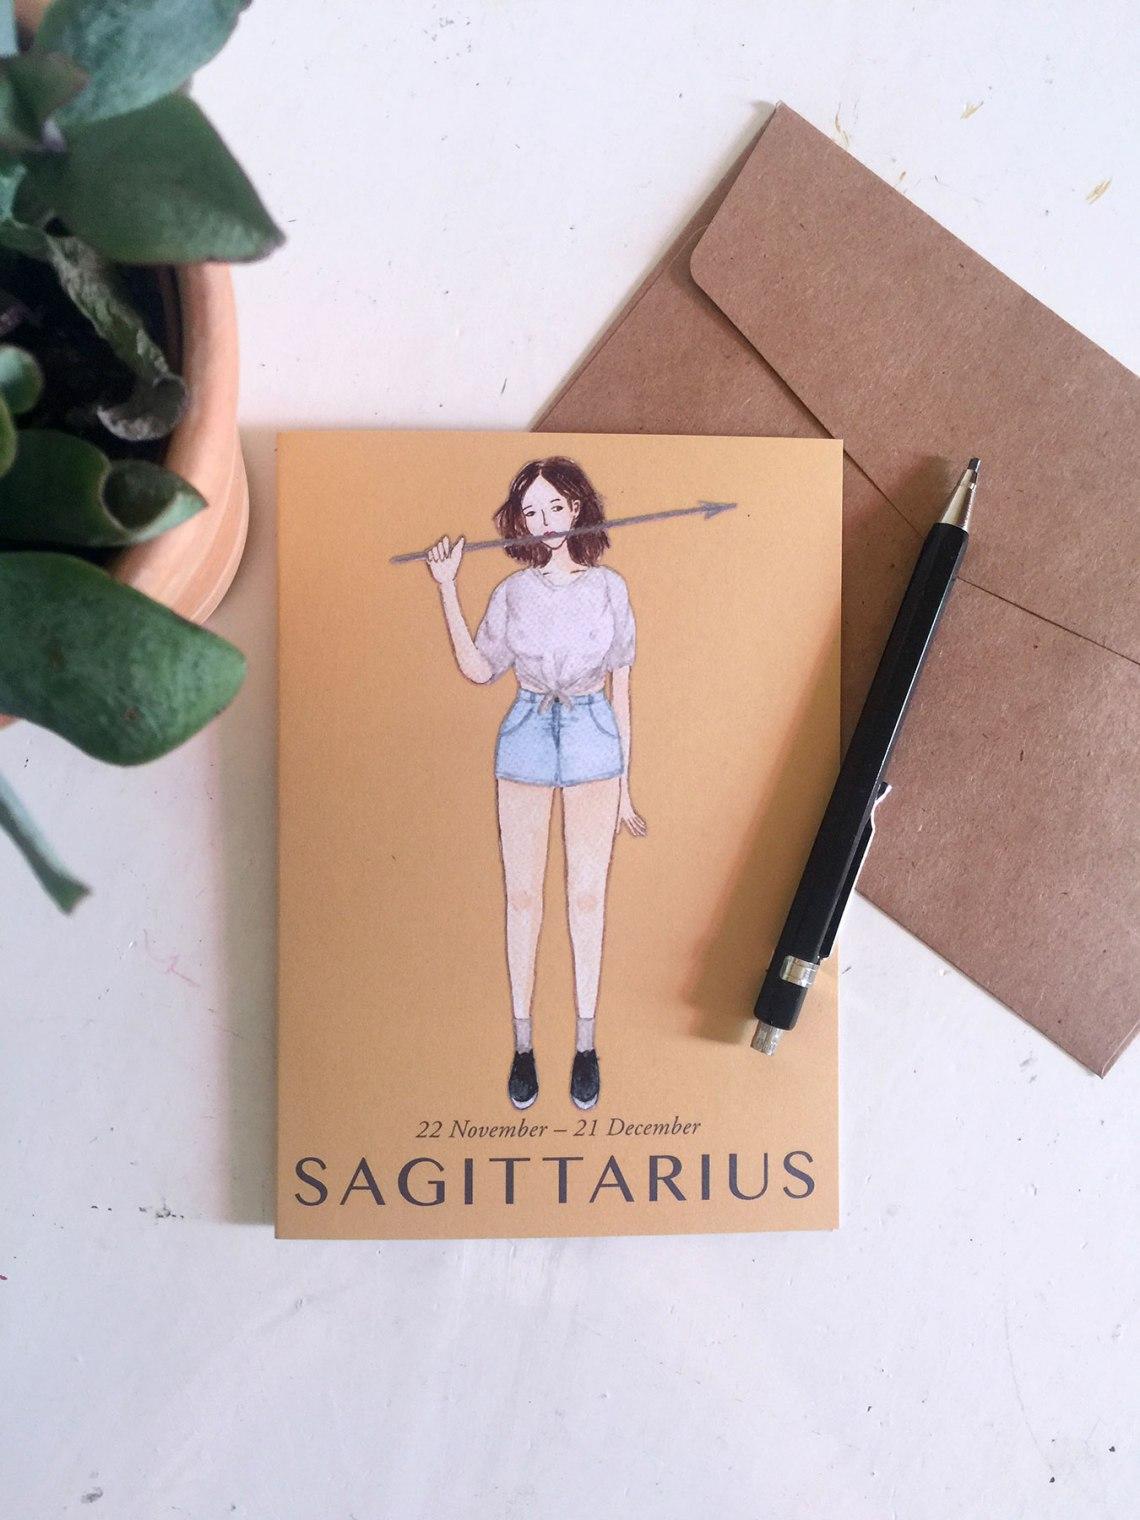 sagittarius_03